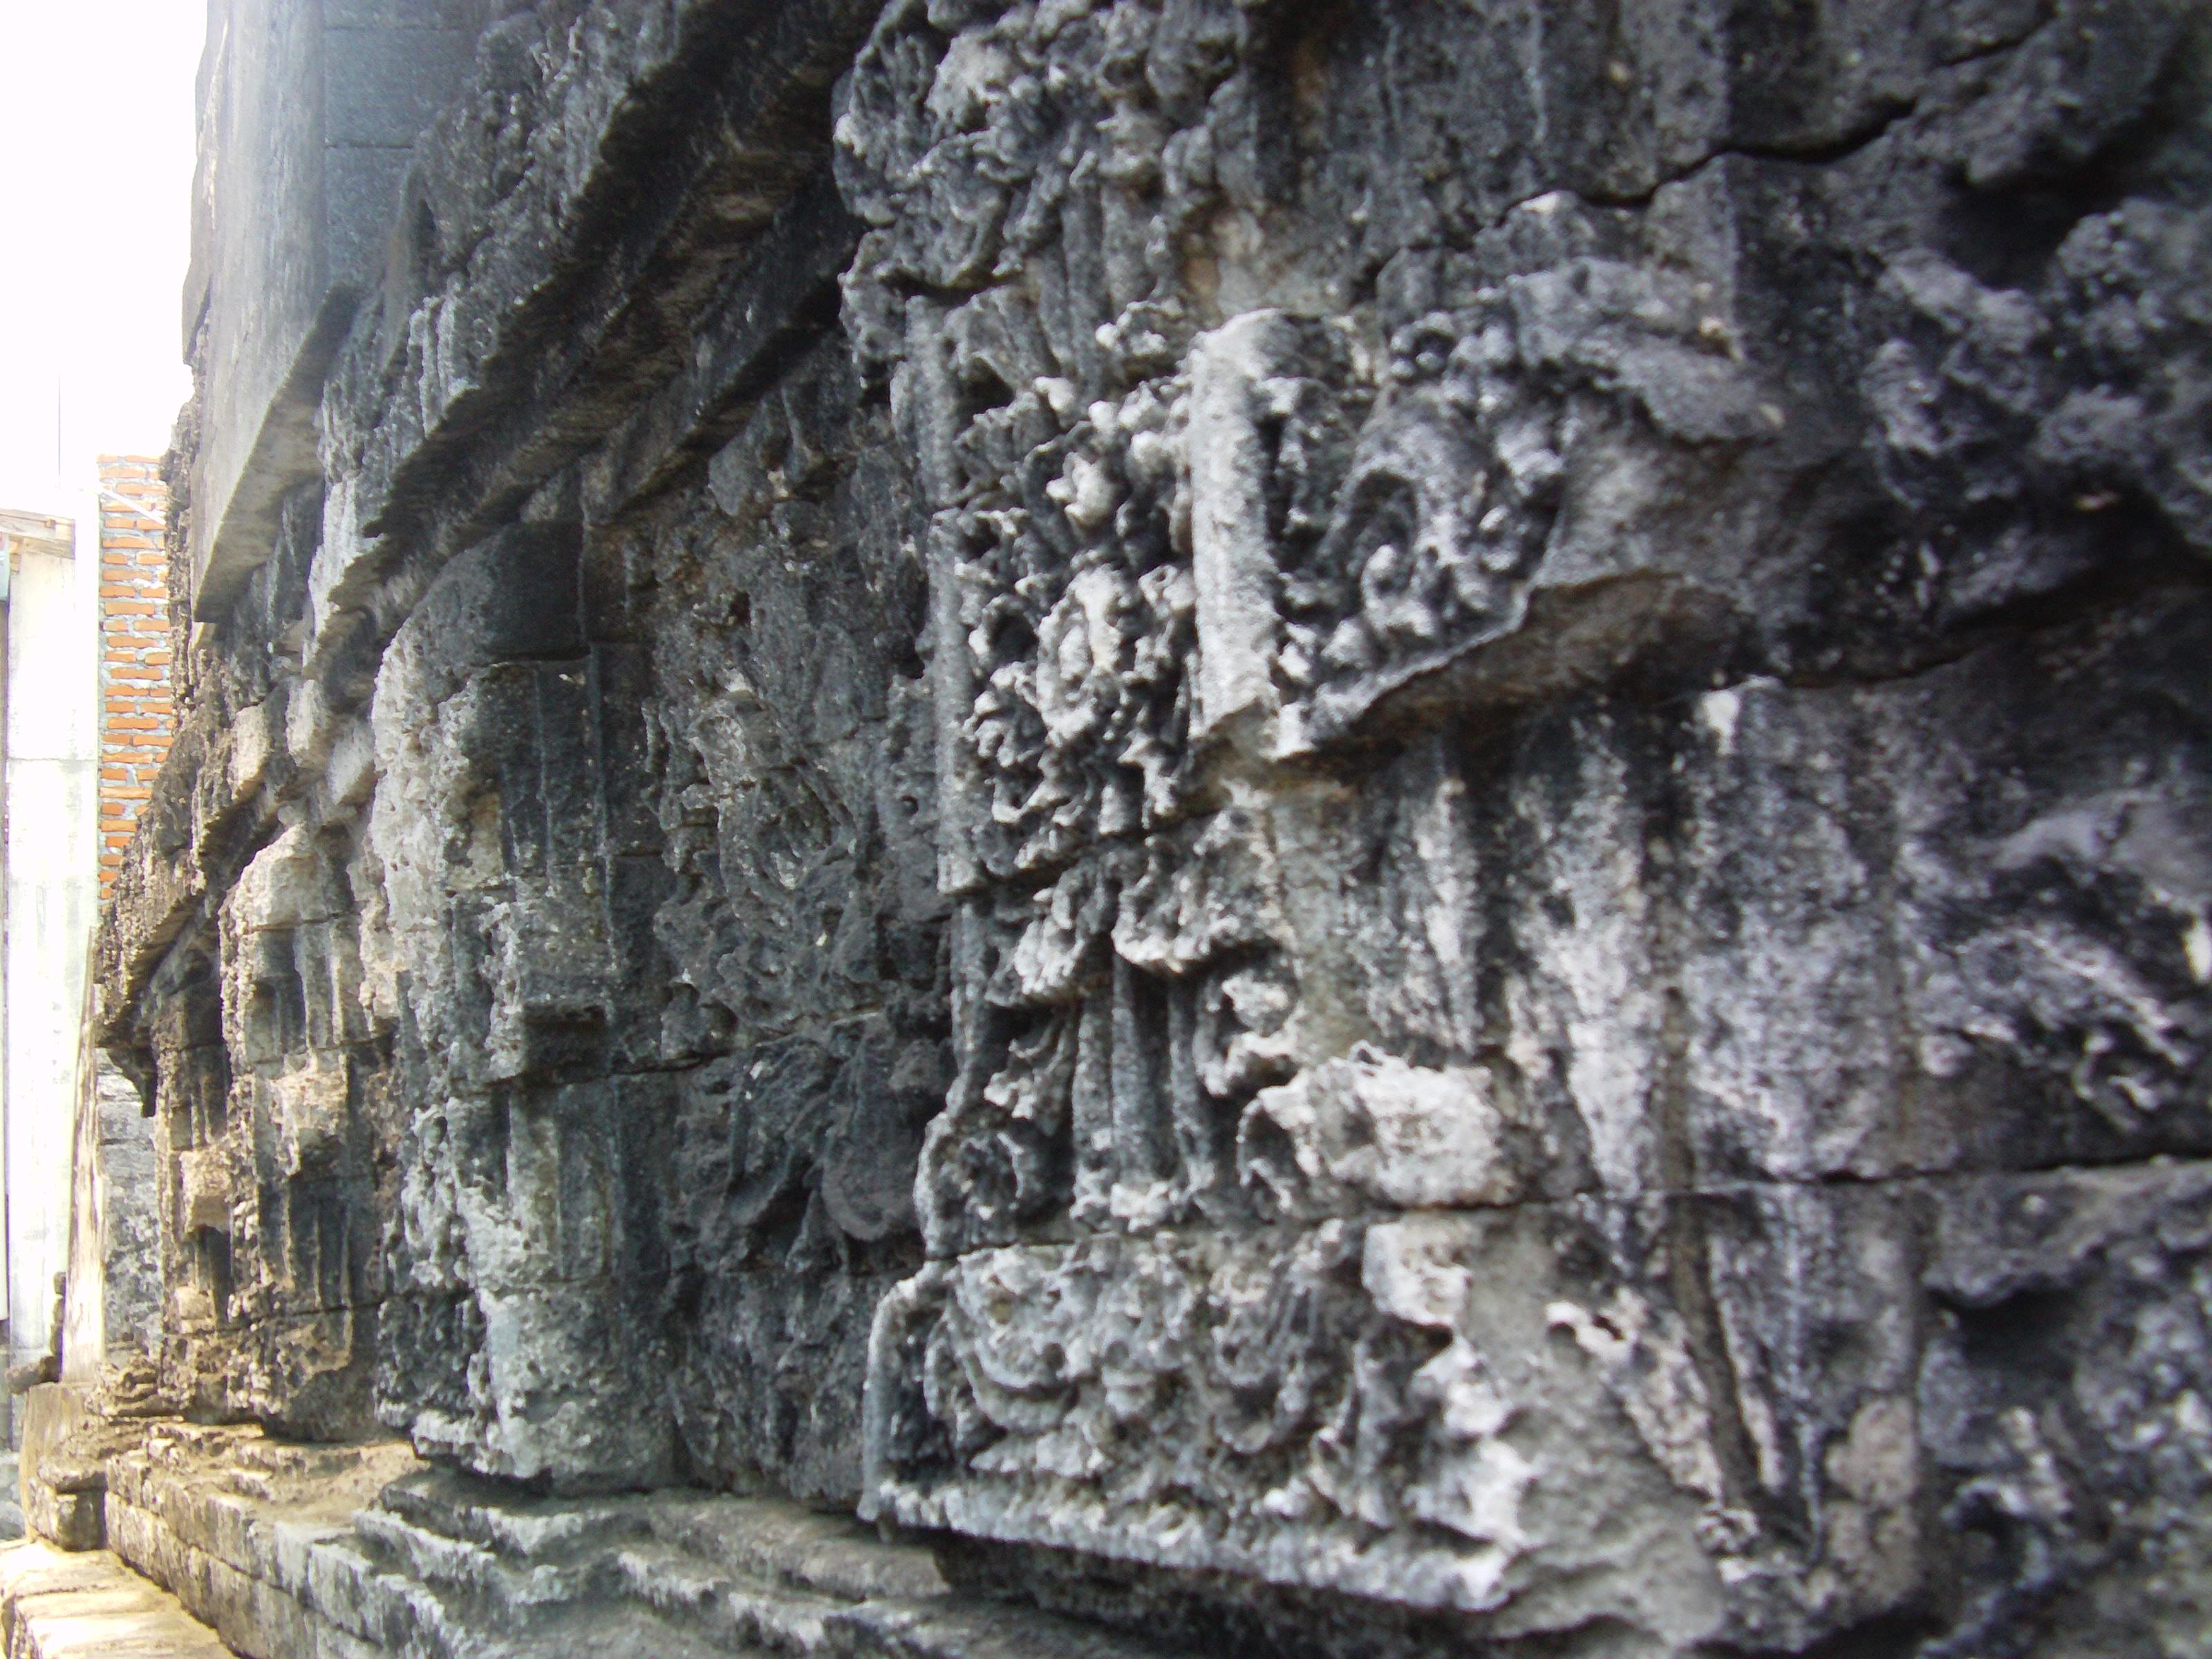 Situs Purbakala Museum Trunojoyo File0225 Sumur Daksan Kab Sampang